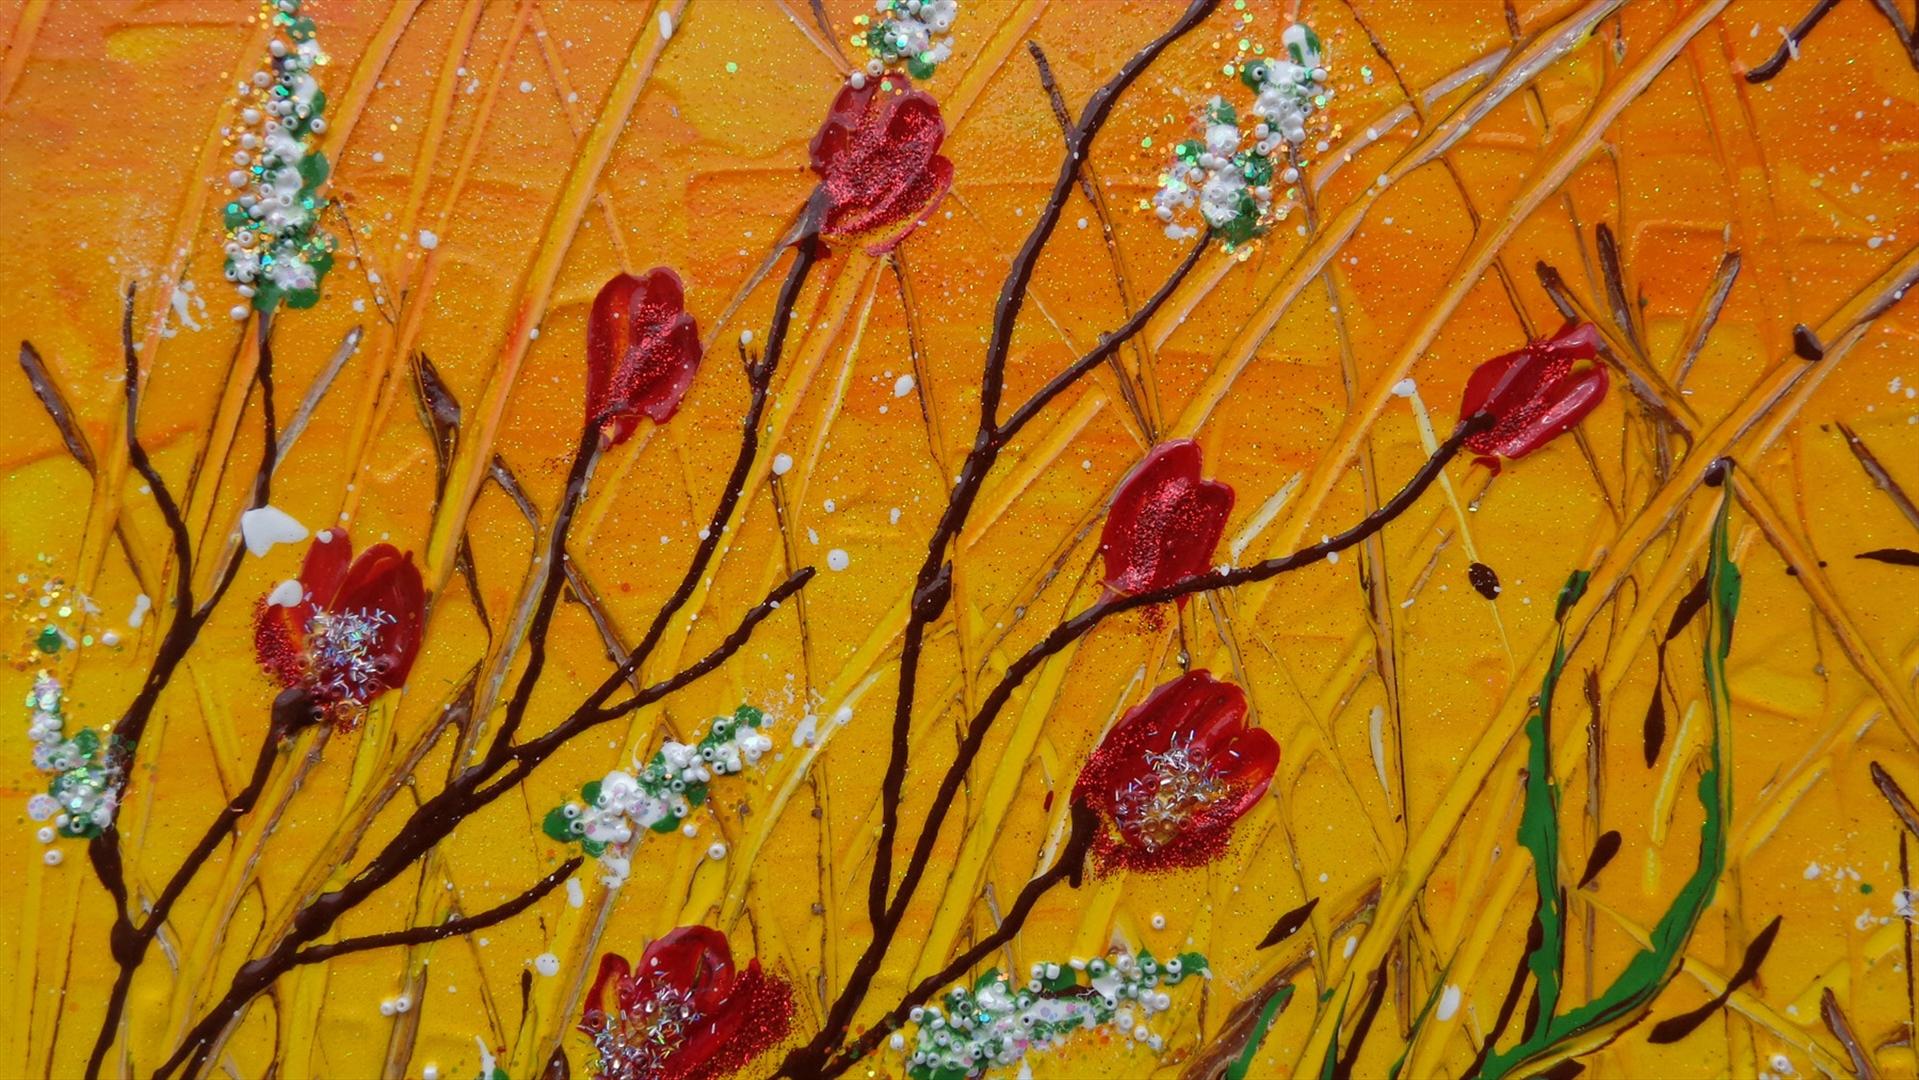 Fiori rossi rampicanti vendita quadri online quadri for Immagini quadri fiori